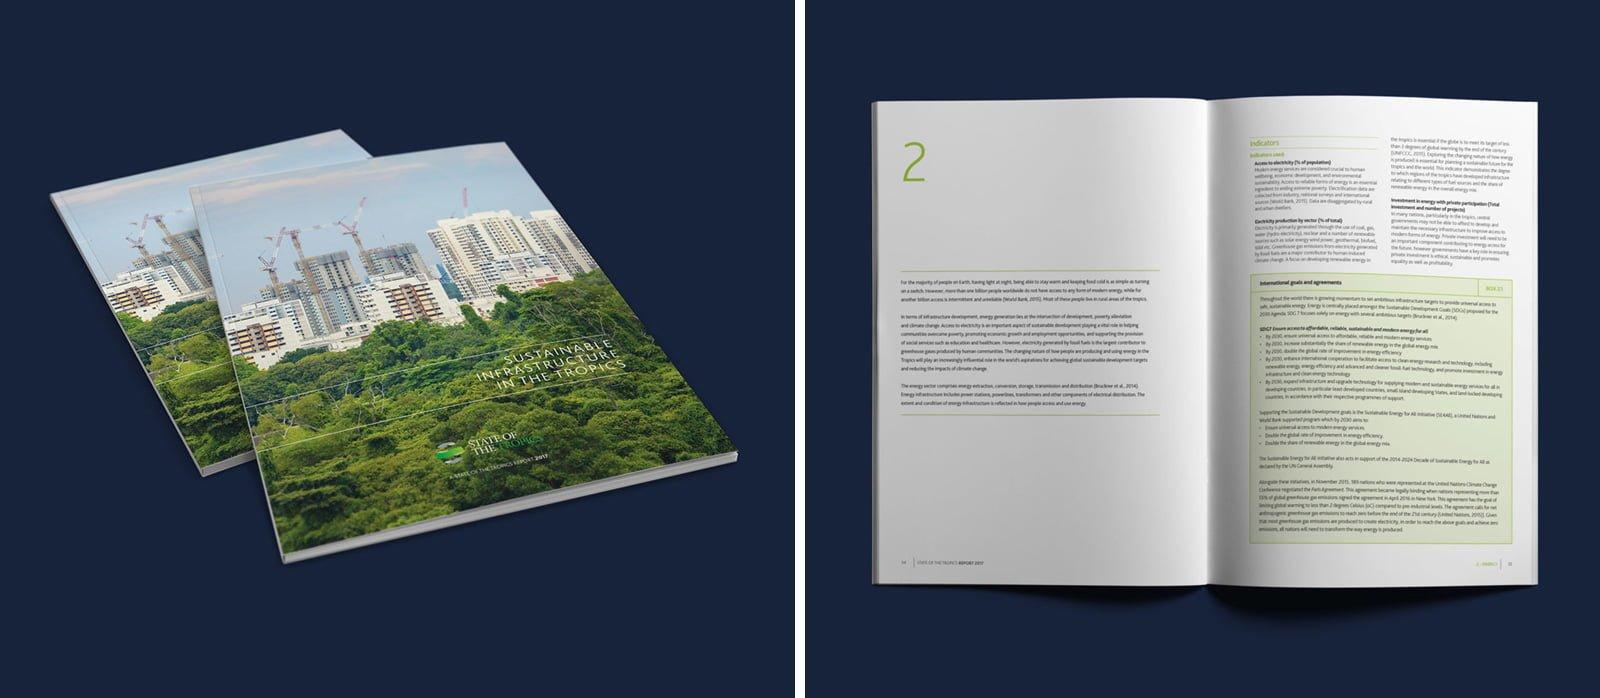 Infrastructure Report by Zephyrmedia